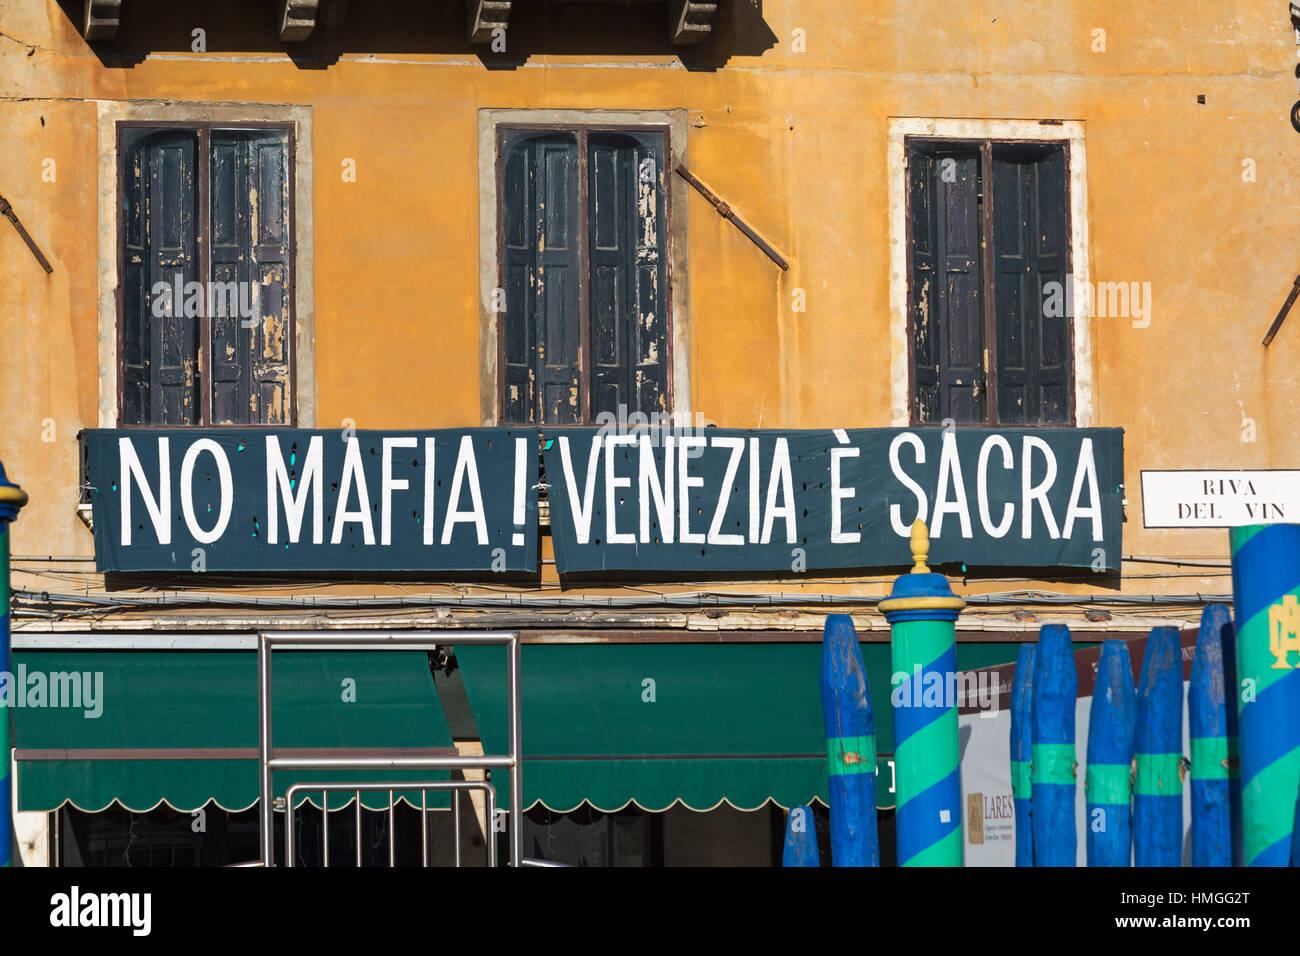 no mafia Venezia e sacra sign on building at no mafia at riva del vin, Grand Canal, Venice, Italy in January - Stock Image